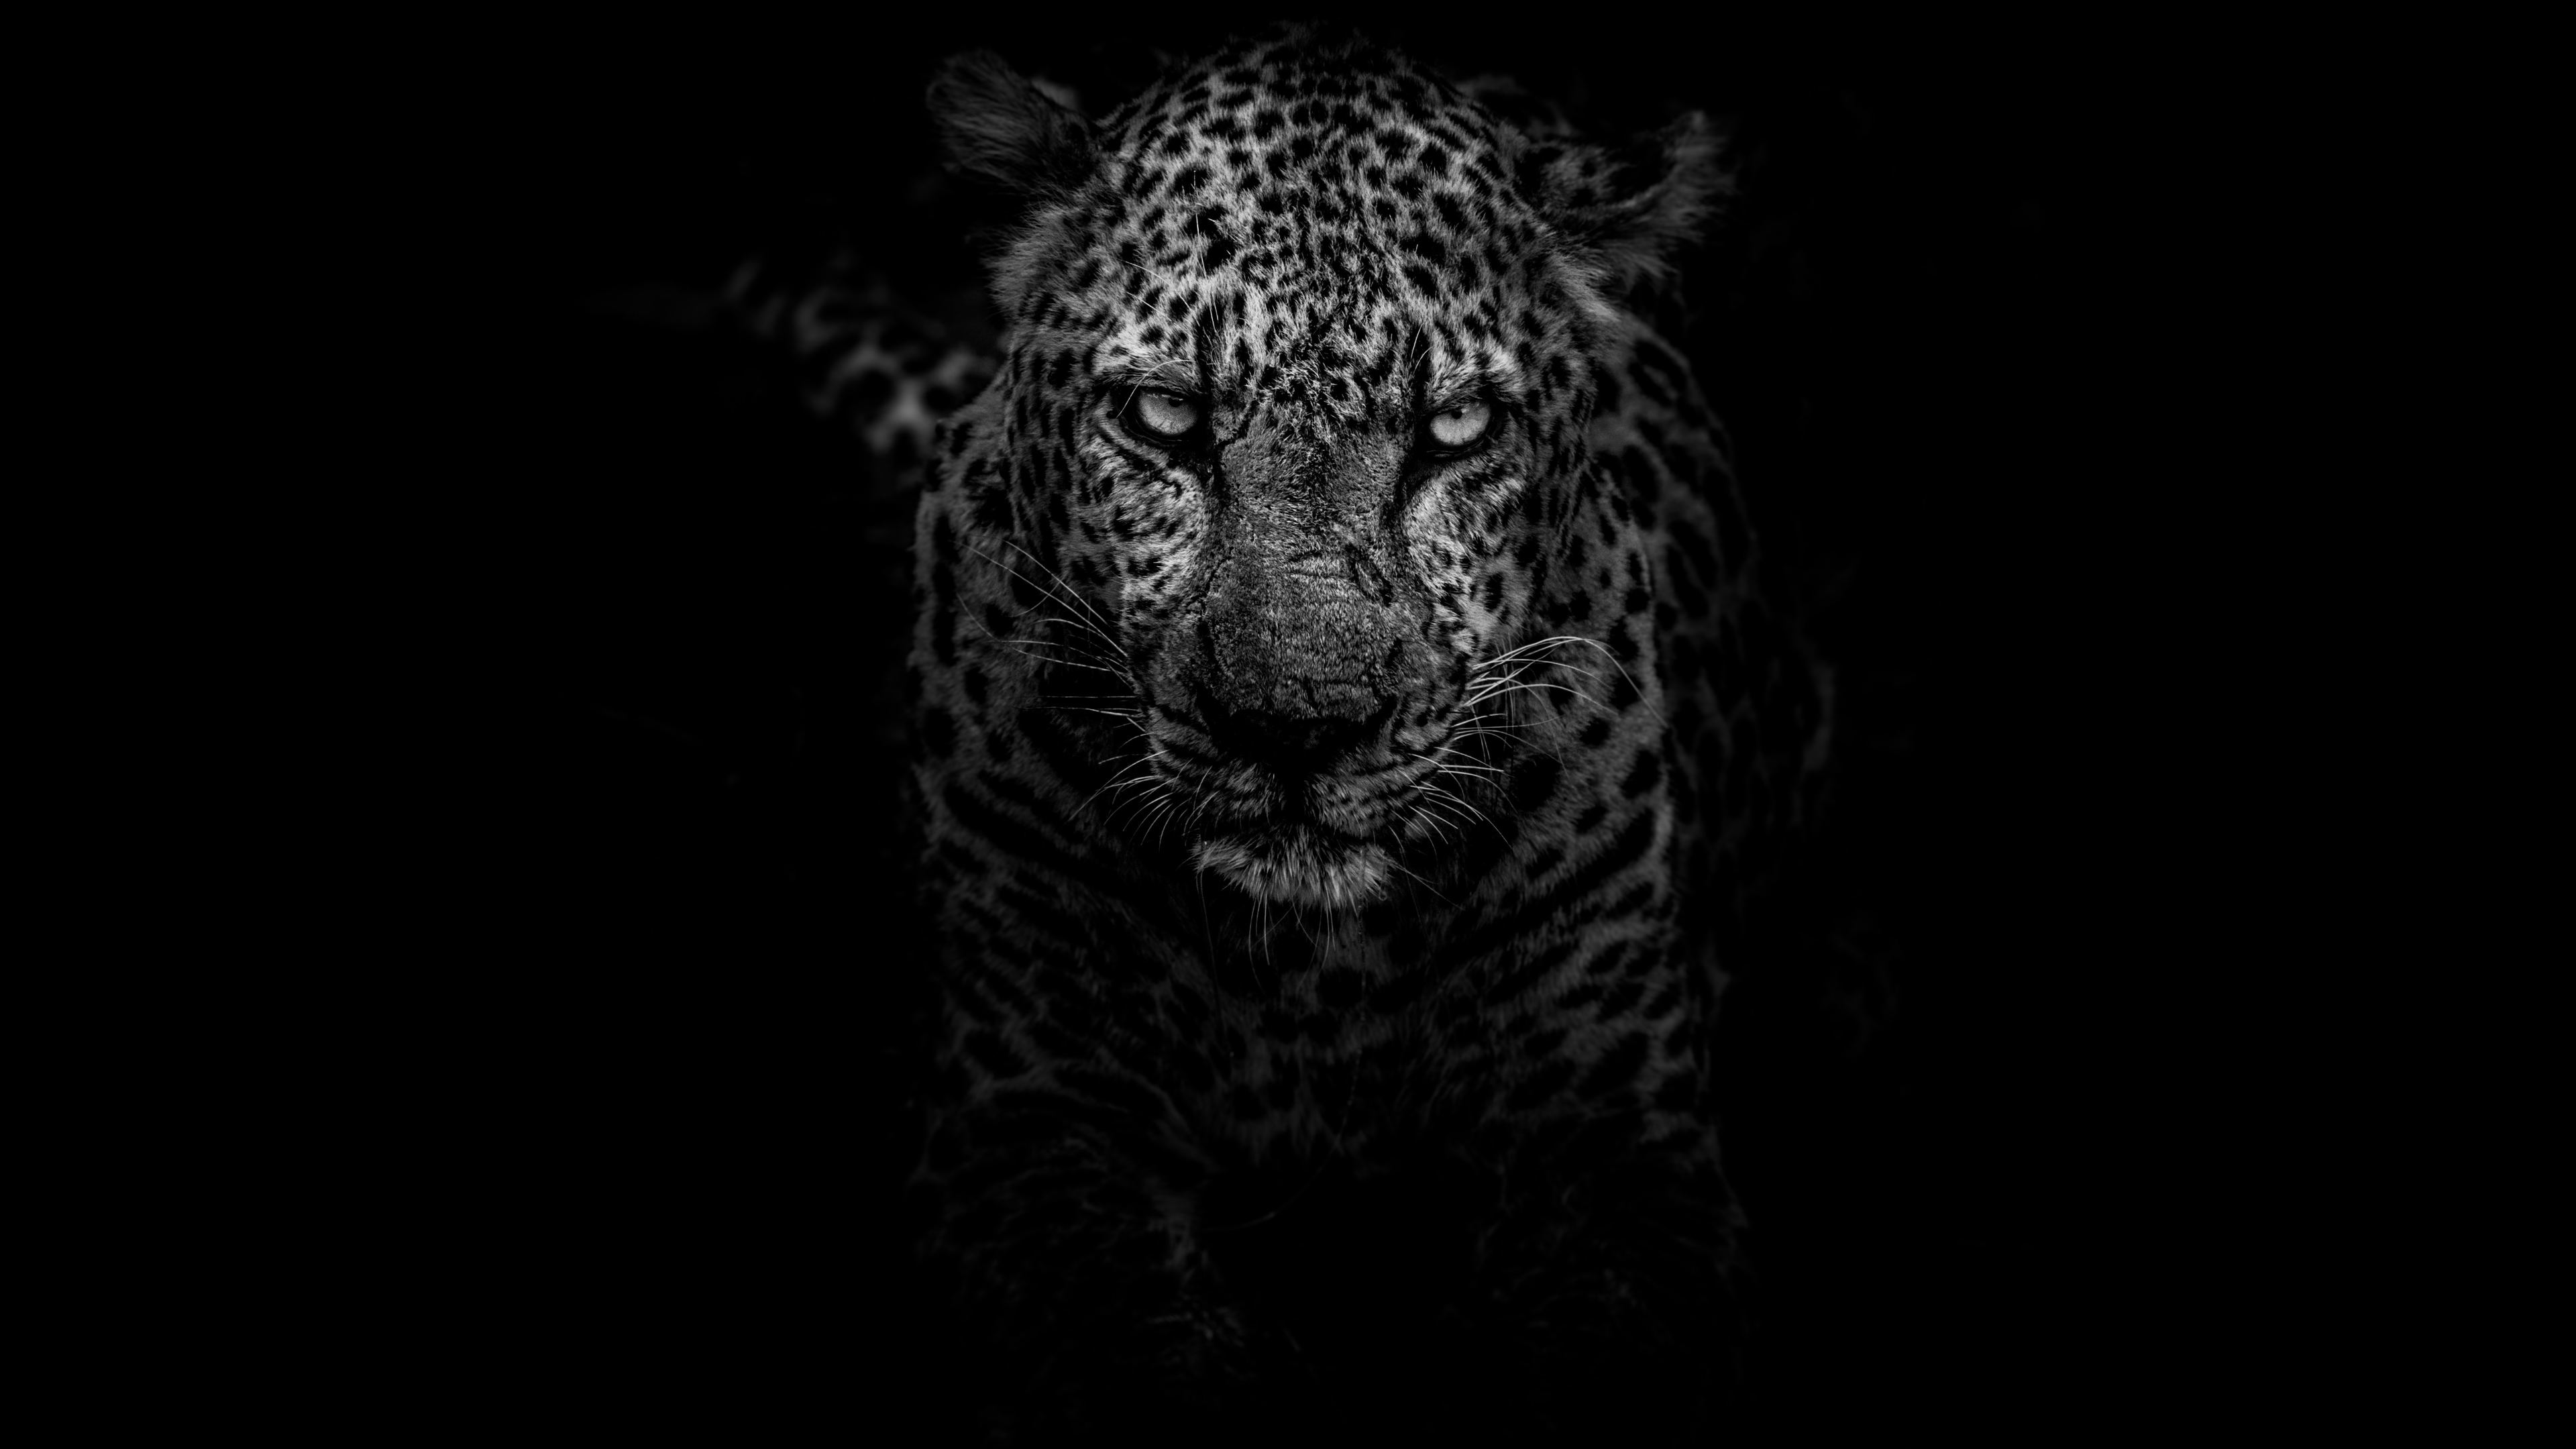 Wallpaper 4k Leopard Dark Monochrome 4k 4k Wallpapers